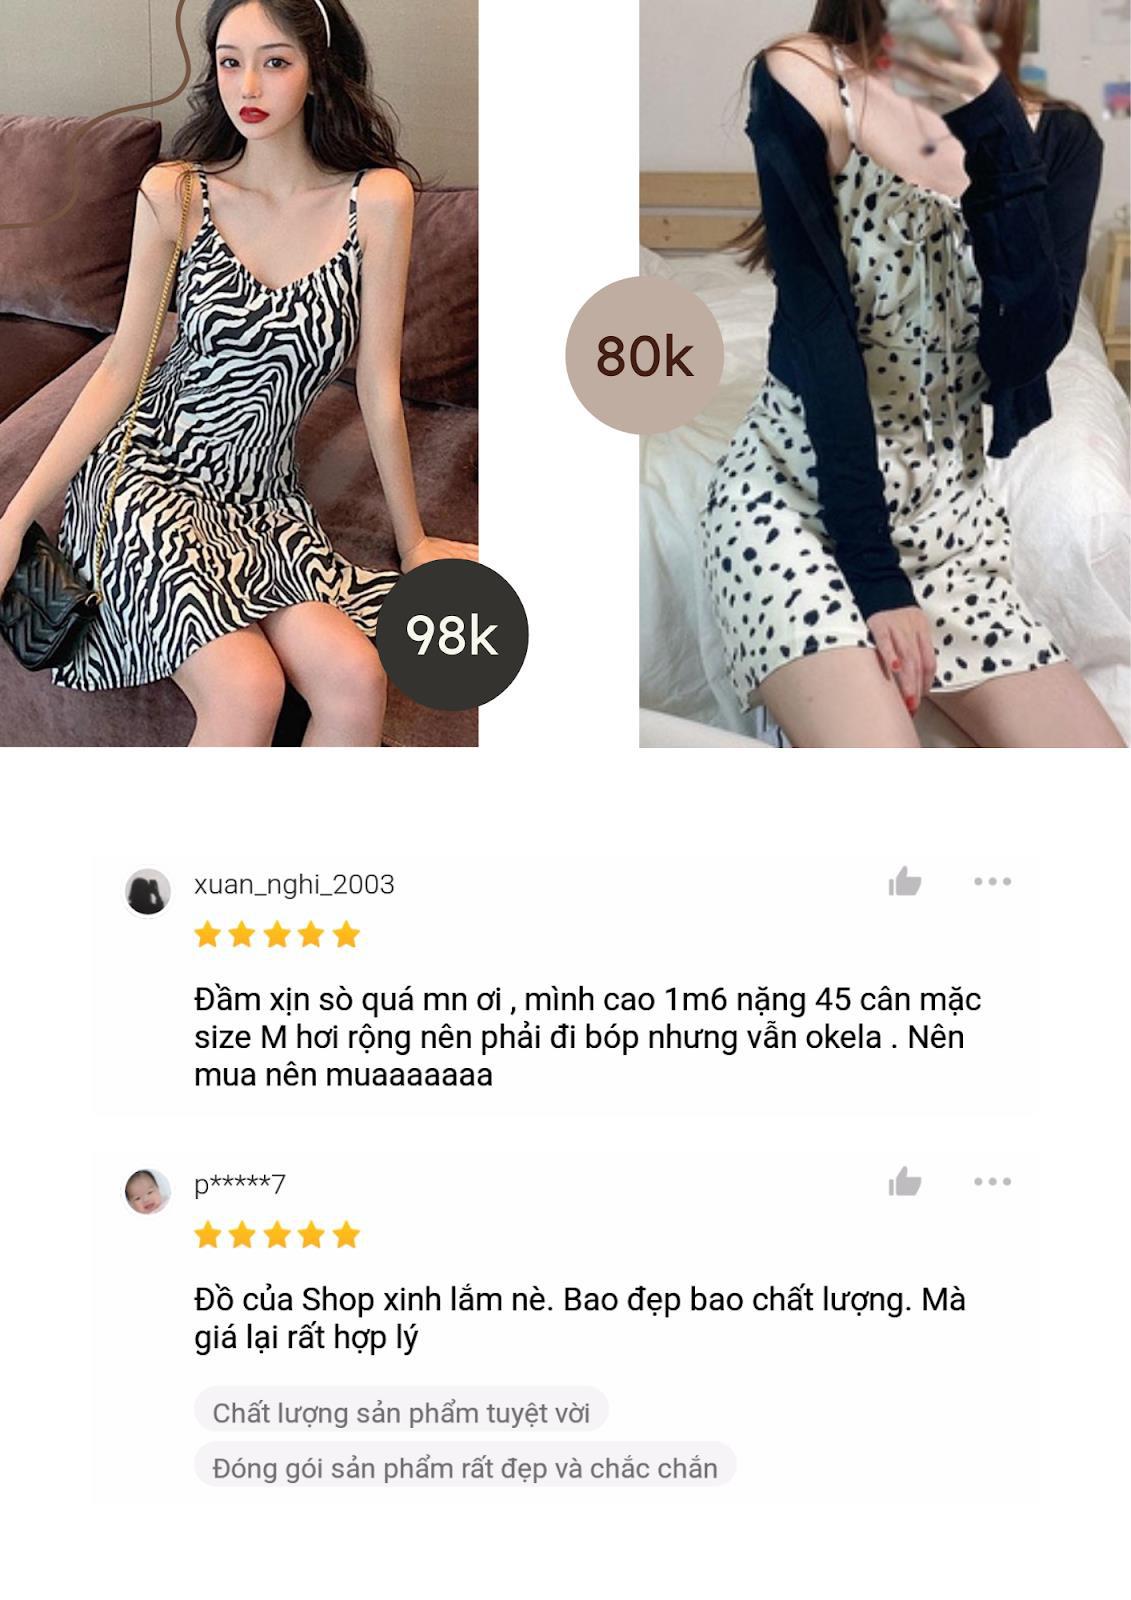 5 shop thời trang trên Shopee có giá rẻ bất ngờ từ 80K, nhất định bạn phải biết - Ảnh 1.